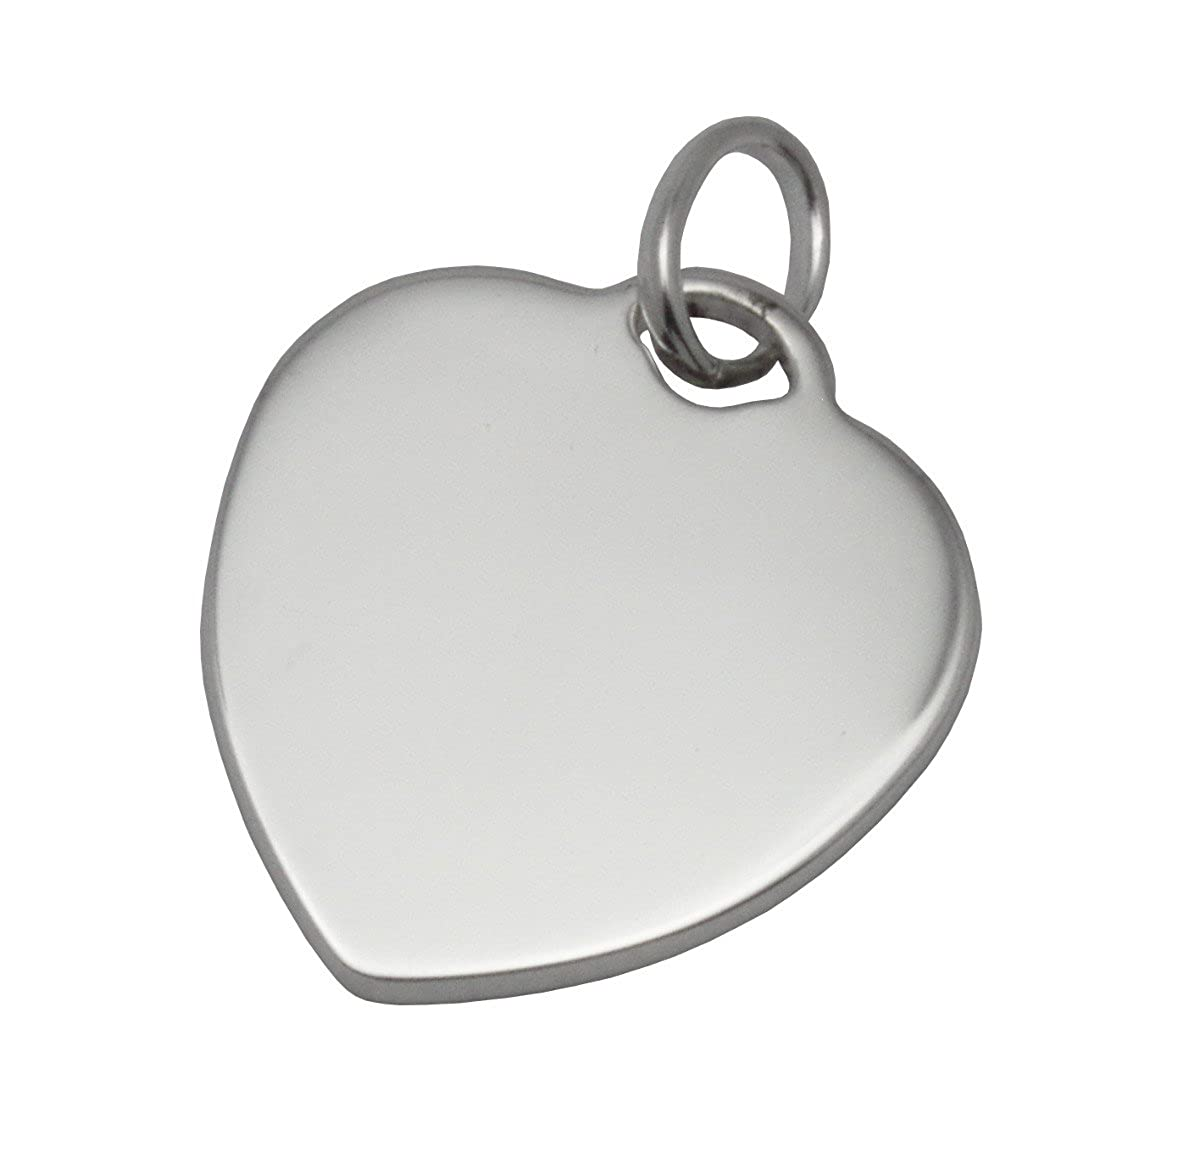 30b0009980eb Arfasatti Collar y Colgante de Plata 925 Pequeño Corazón Brillante Hecho a  Mano en Italia  Fabrizio Arfasatti  Amazon.es  Joyería